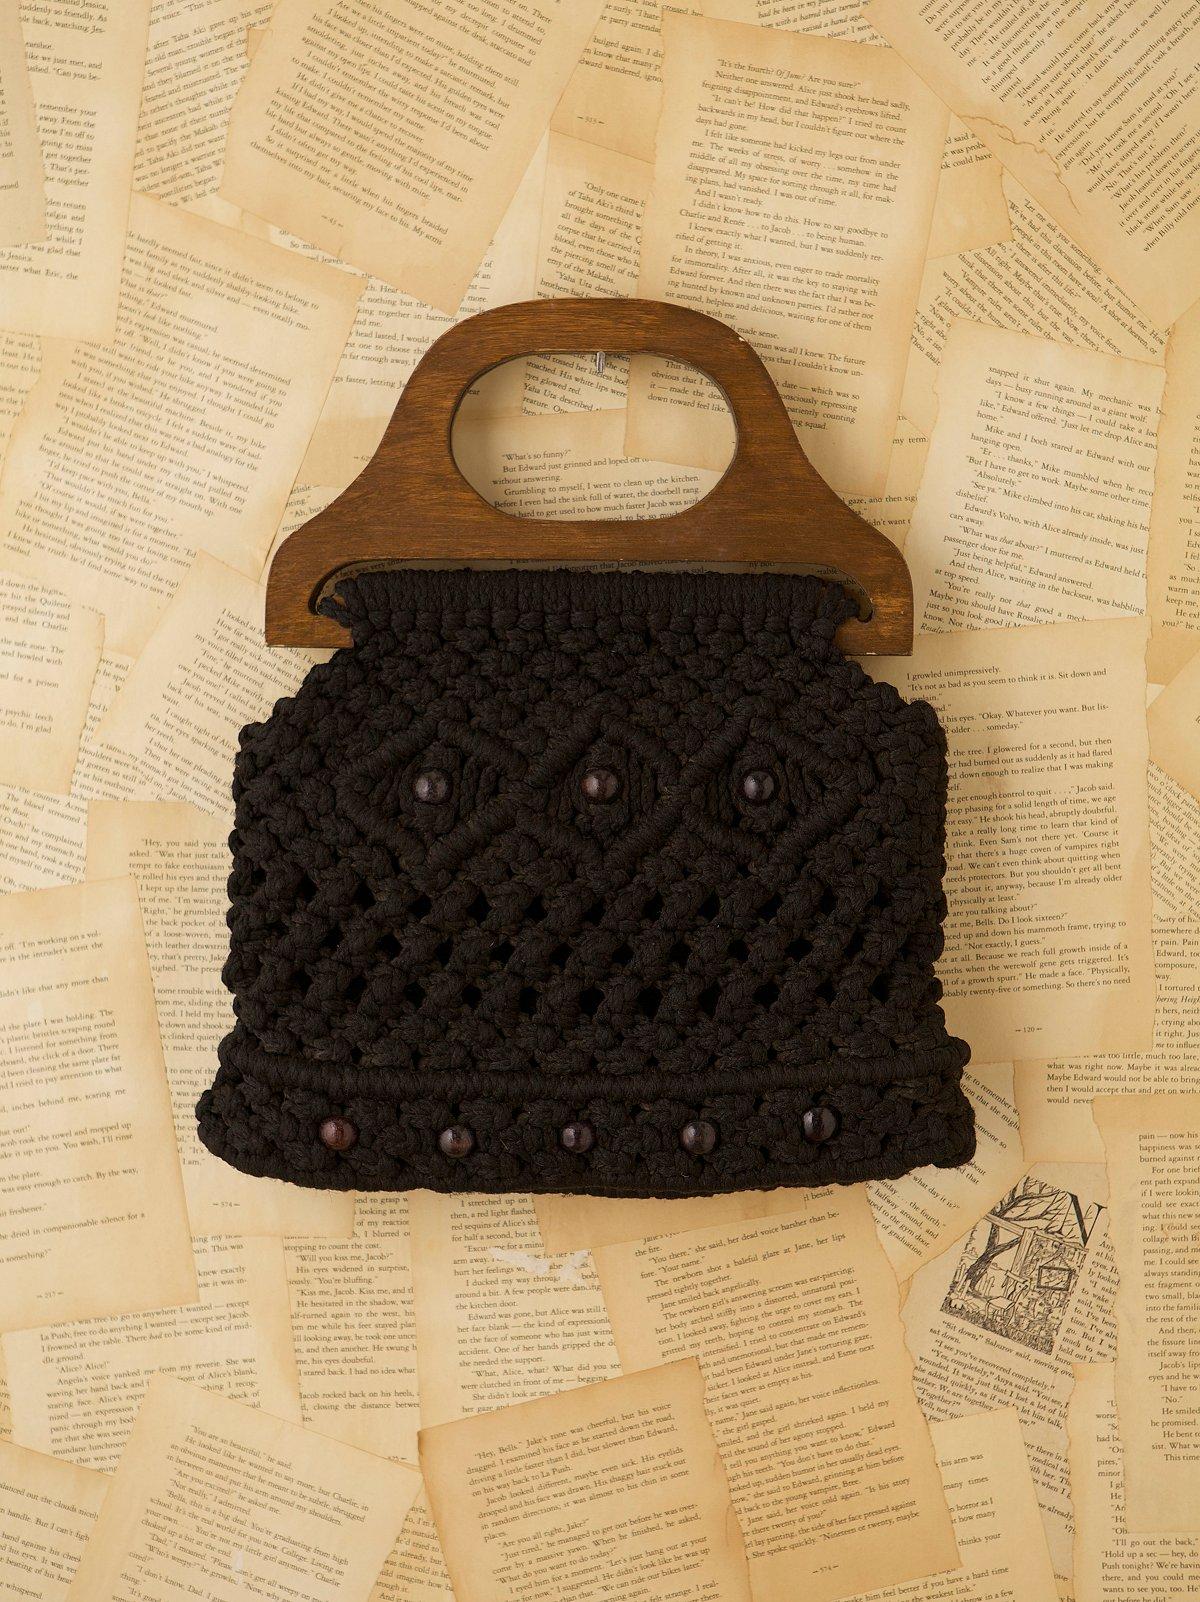 Vintage Sewing Bag